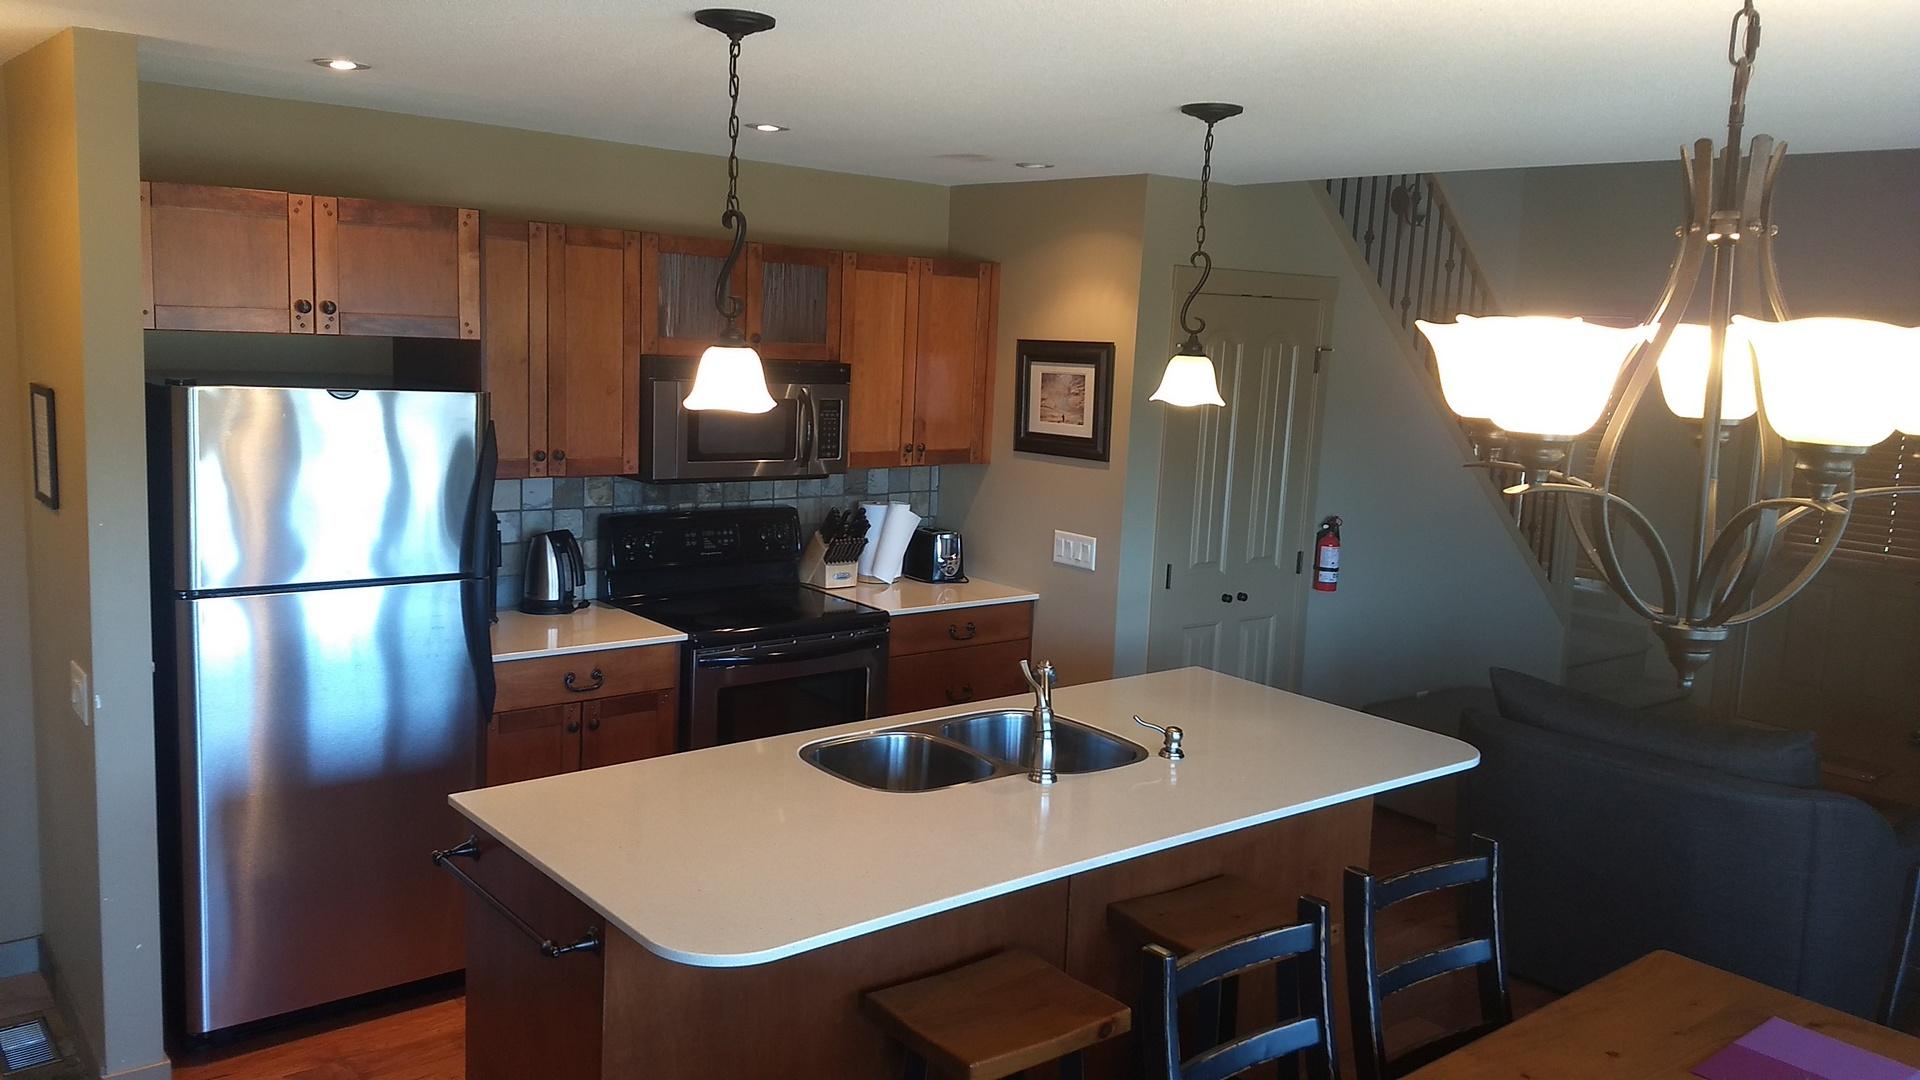 392 Kitchen